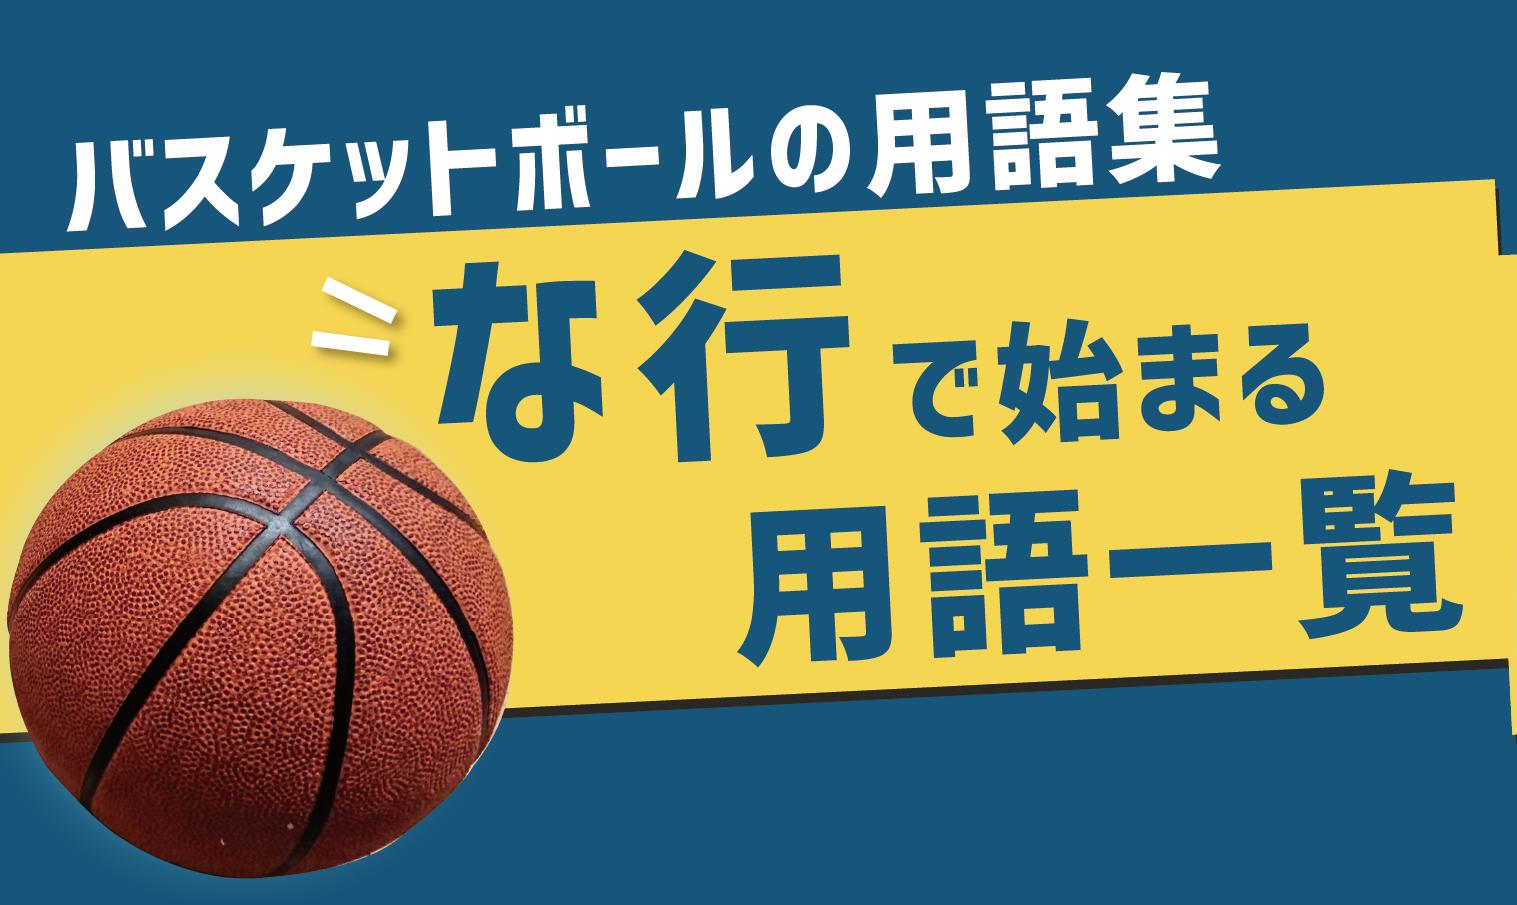 バスケットボールの用語集【な行】で始まる用語一覧